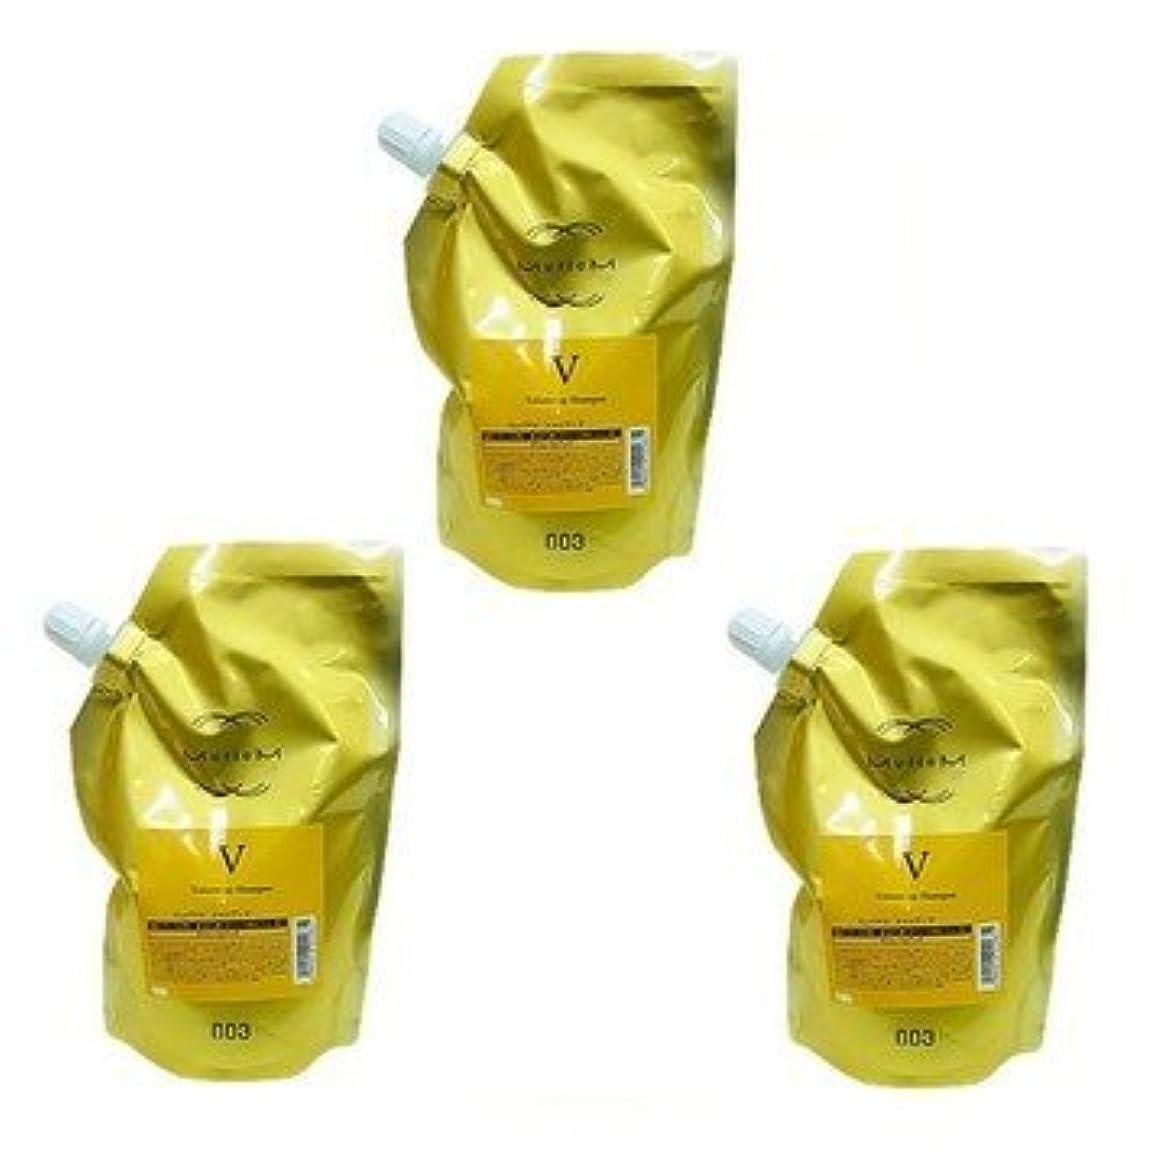 ドラッグ引っ張るシンカン【X3個セット】 ナンバースリー ミュリアム ゴールド シャンプー V 500ml 詰替え用